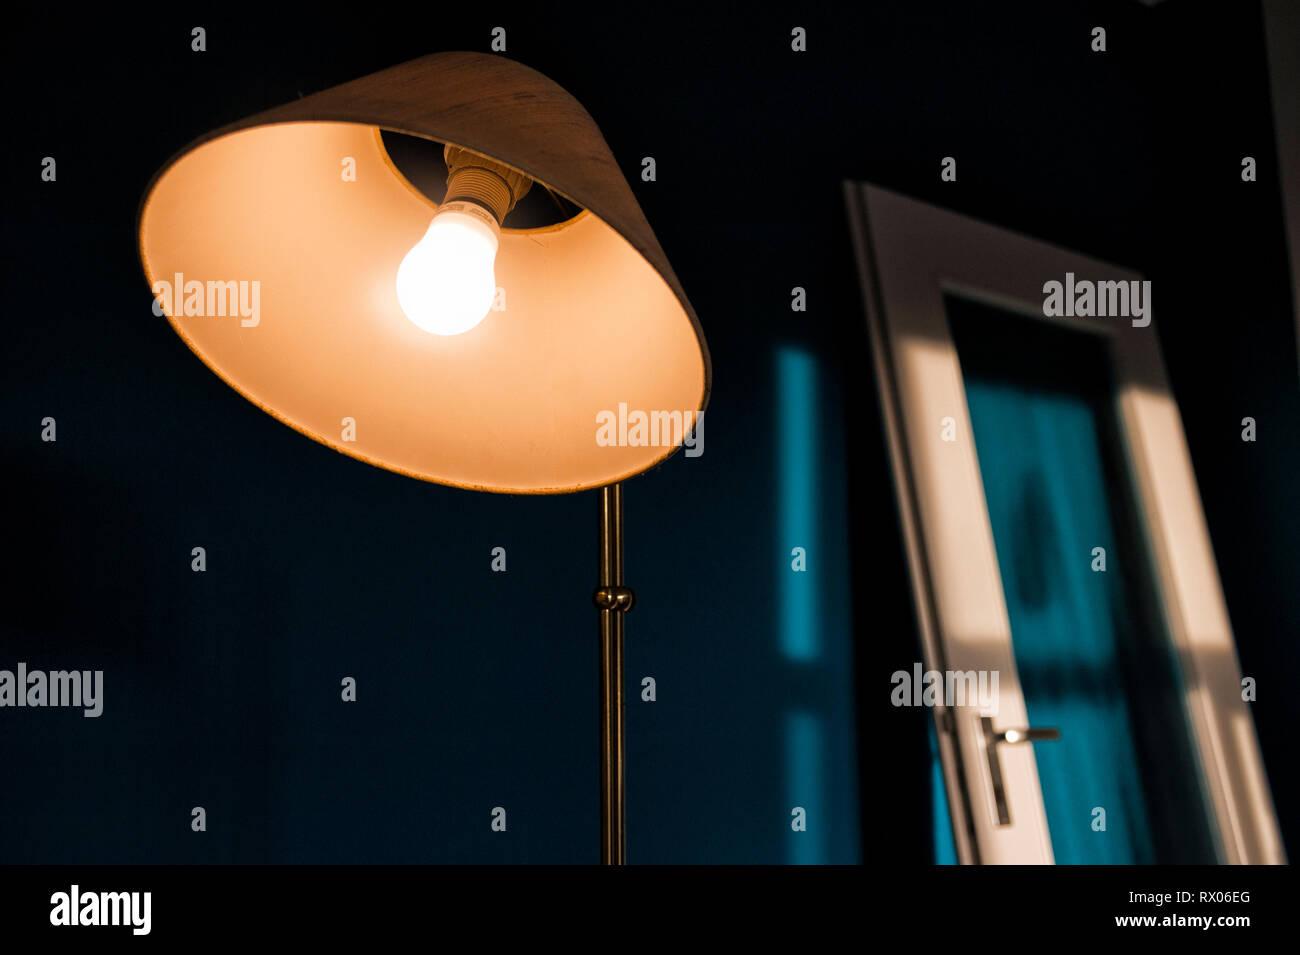 Im Vordergrund steht eine leuchtende 1960er Jahre Lampe. Im Hintergrund lehnt eine ausgehaengte Tuer an einer tuerkis gestrichenen Wand in der Sonne. - Stock Image